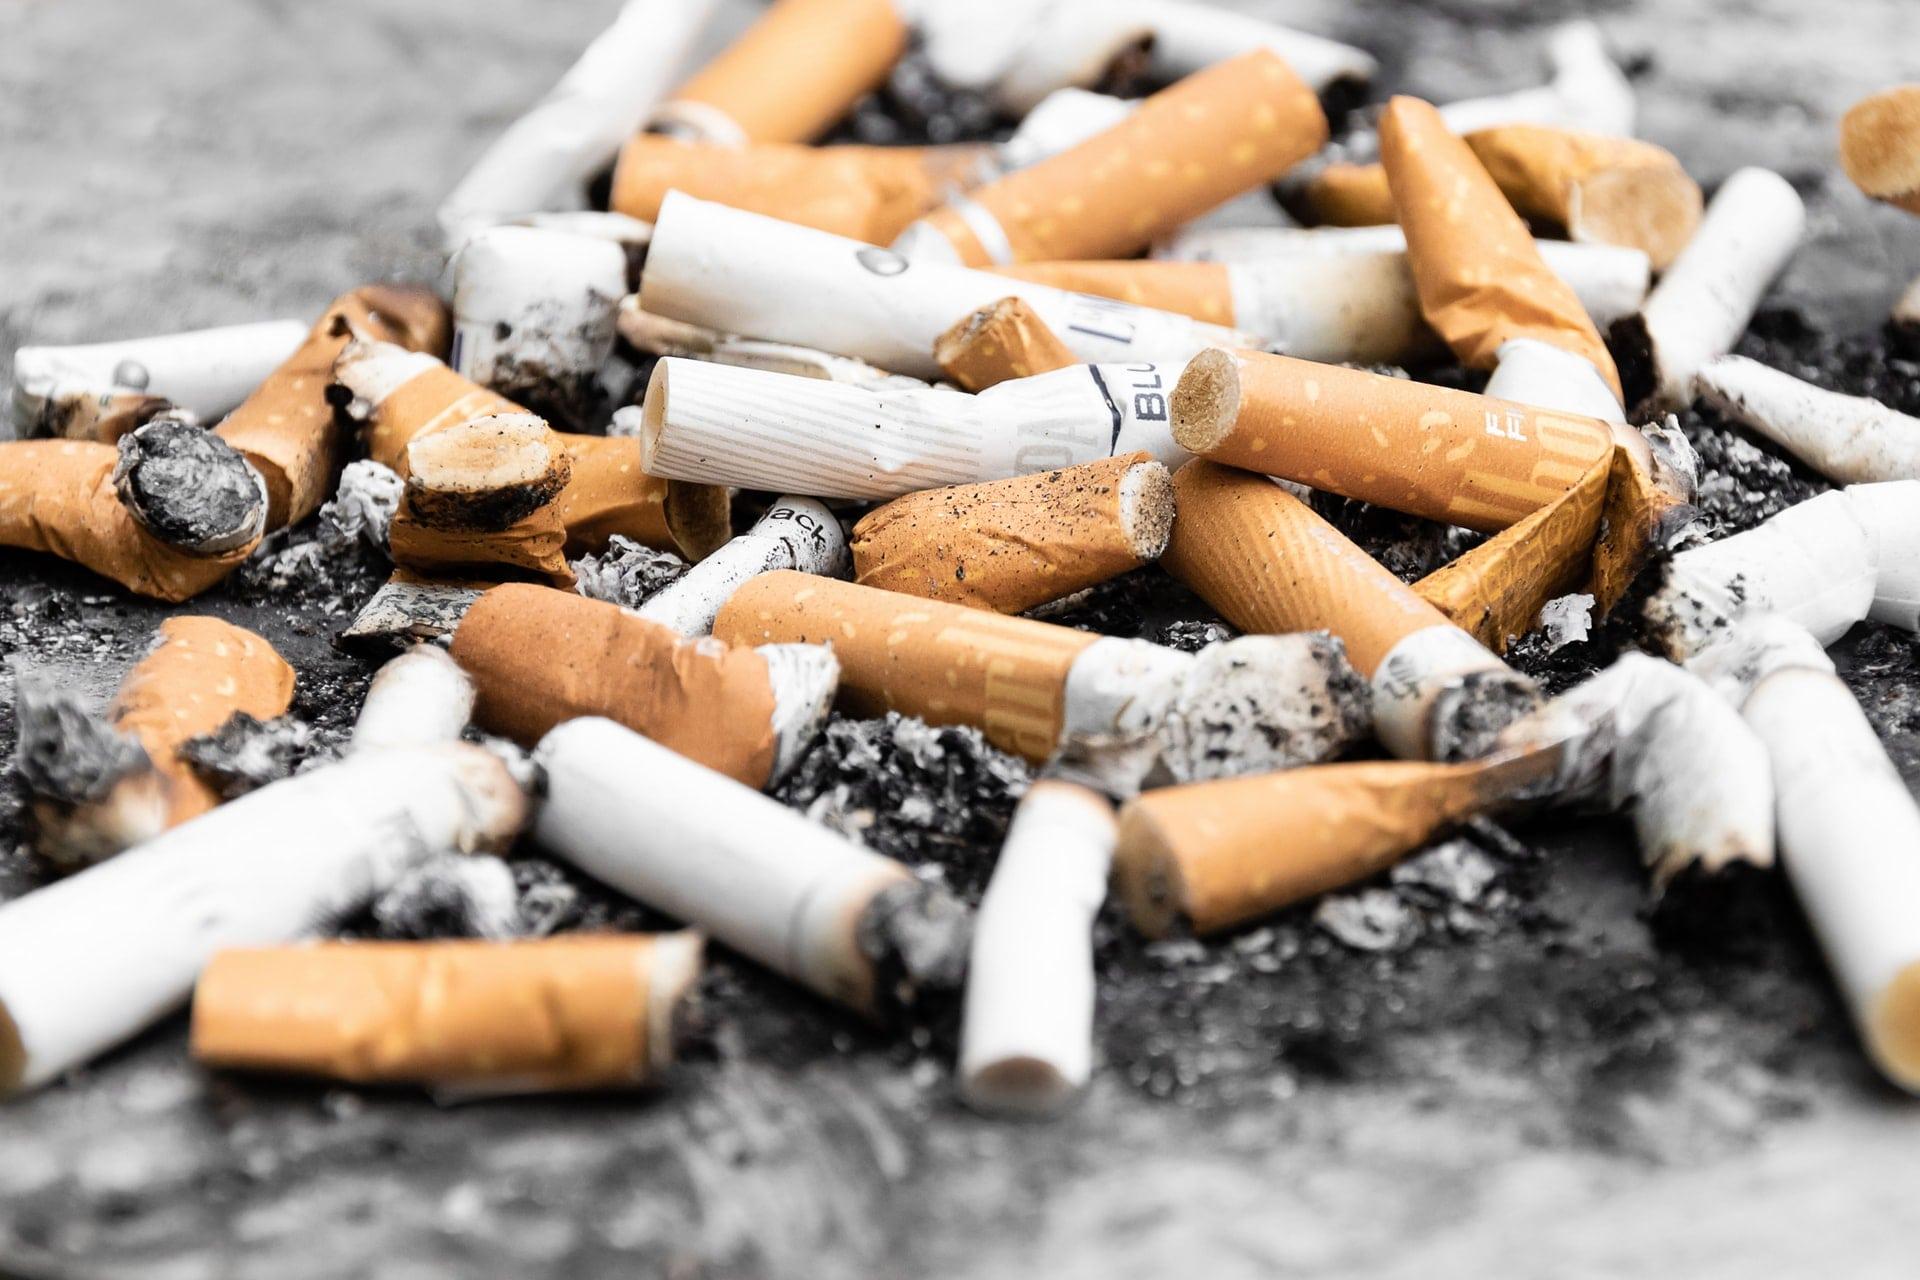 Comment éviter la pollution liée aux déchets de mégots ?